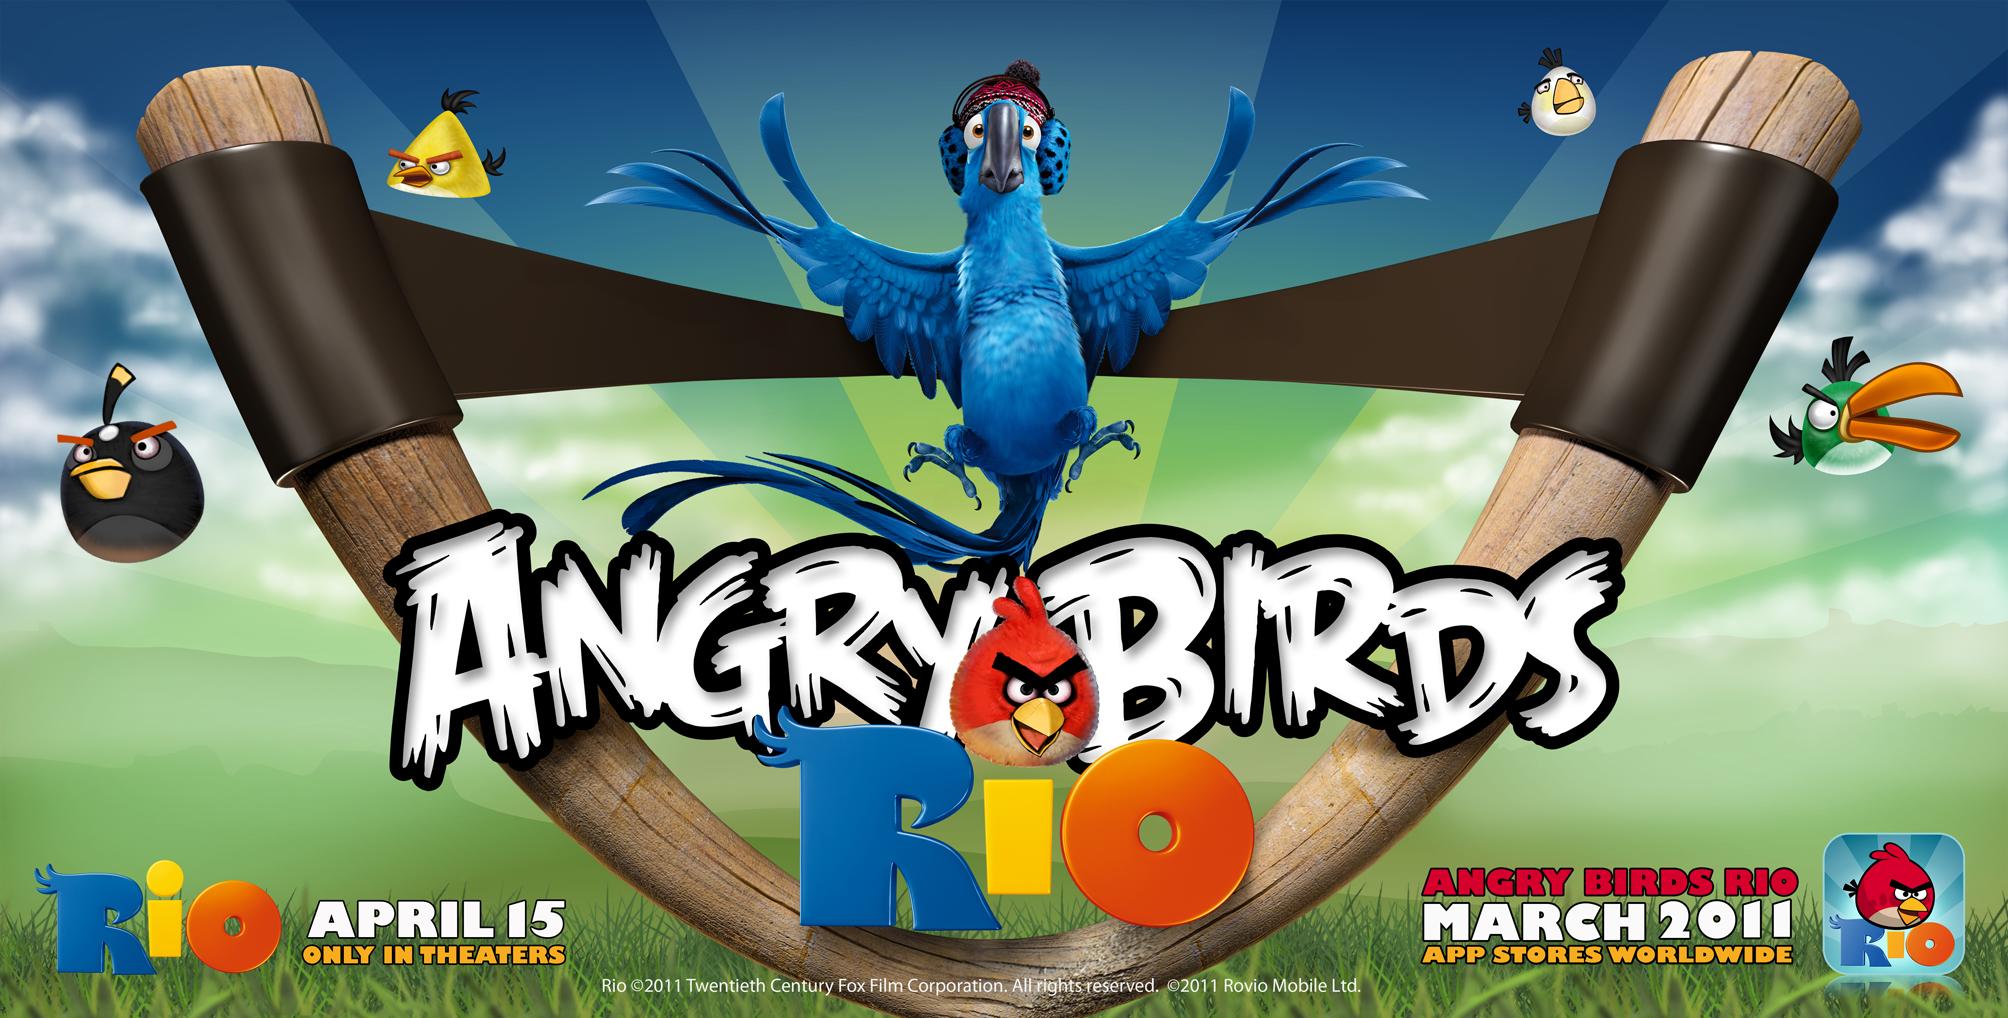 AngryBird_Rio_Feature2.jpg